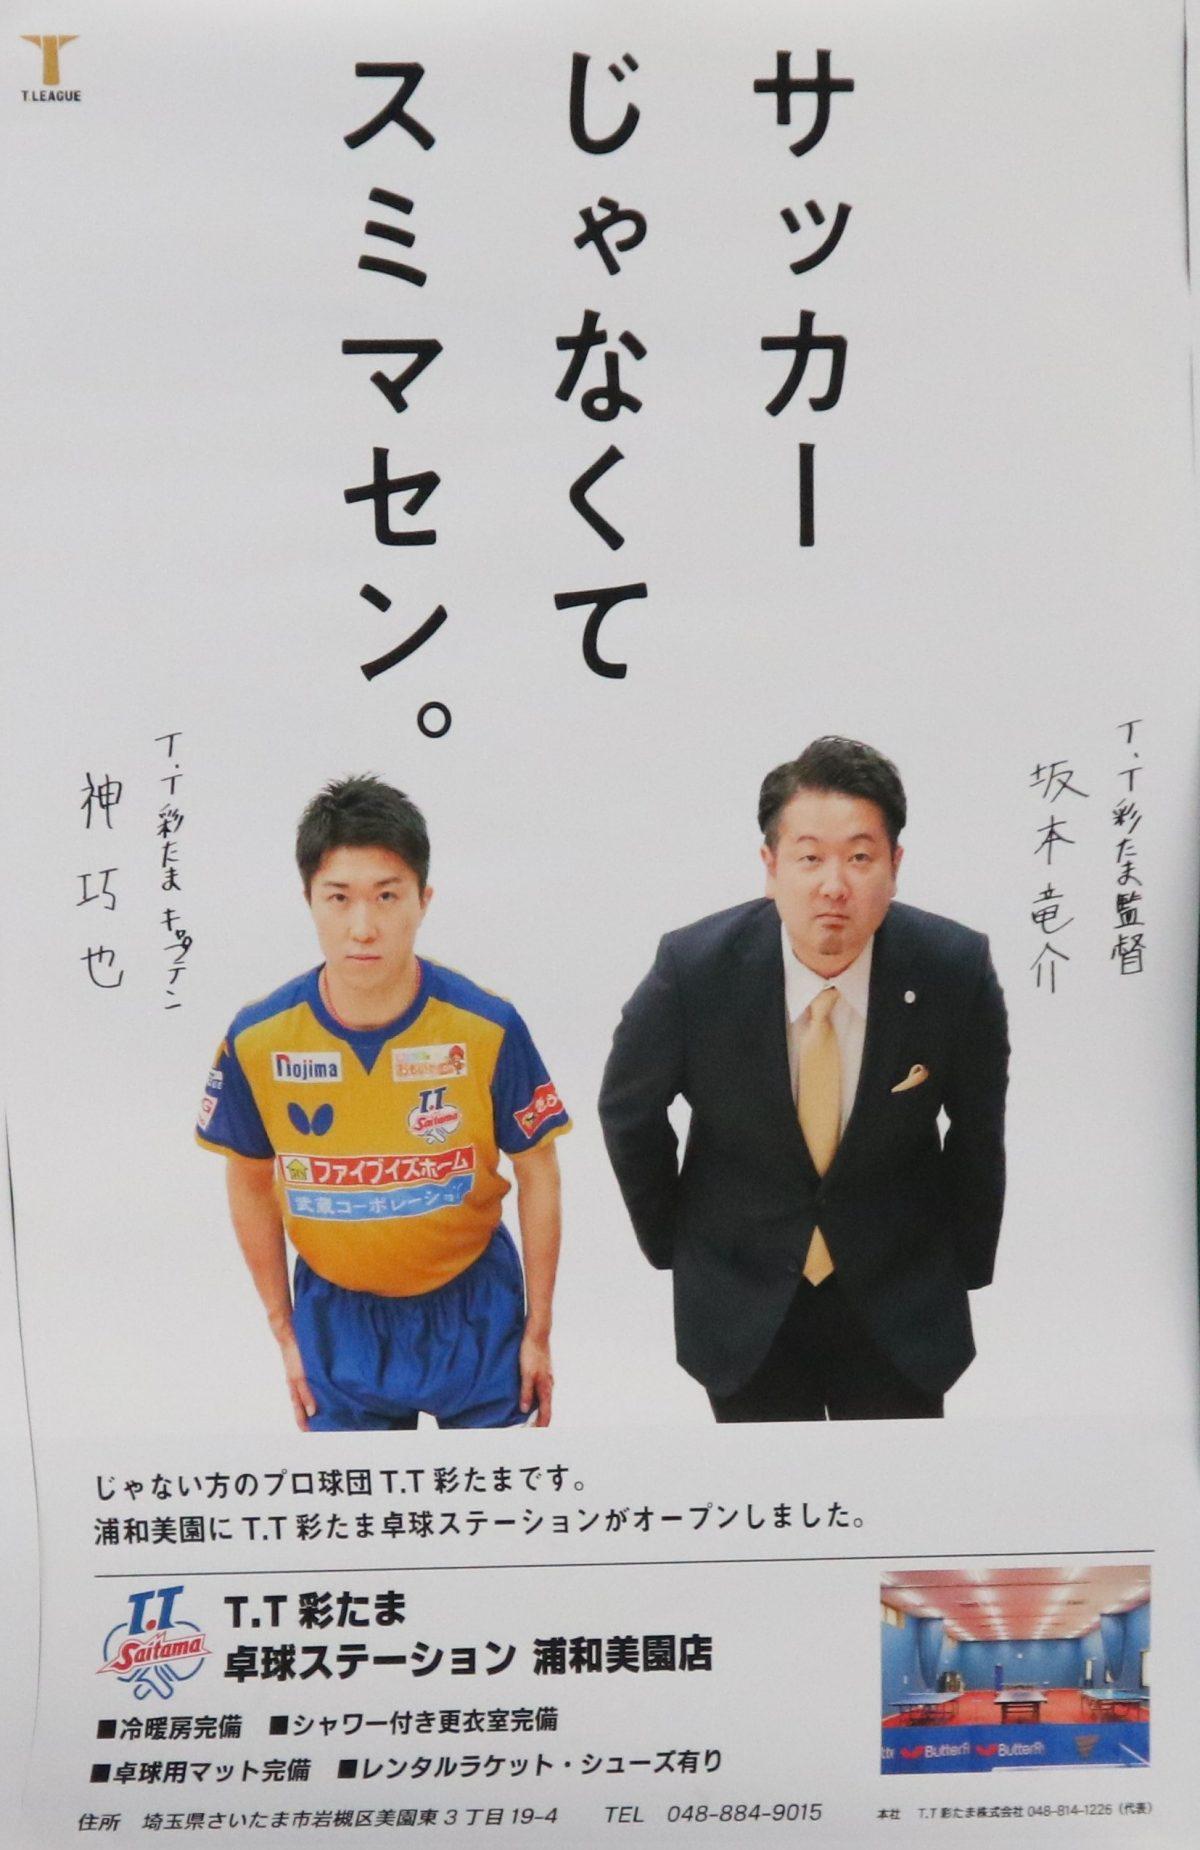 写真:『じゃない方のプロ球団T.T彩たまです。』/撮影:ラリーズ編集部